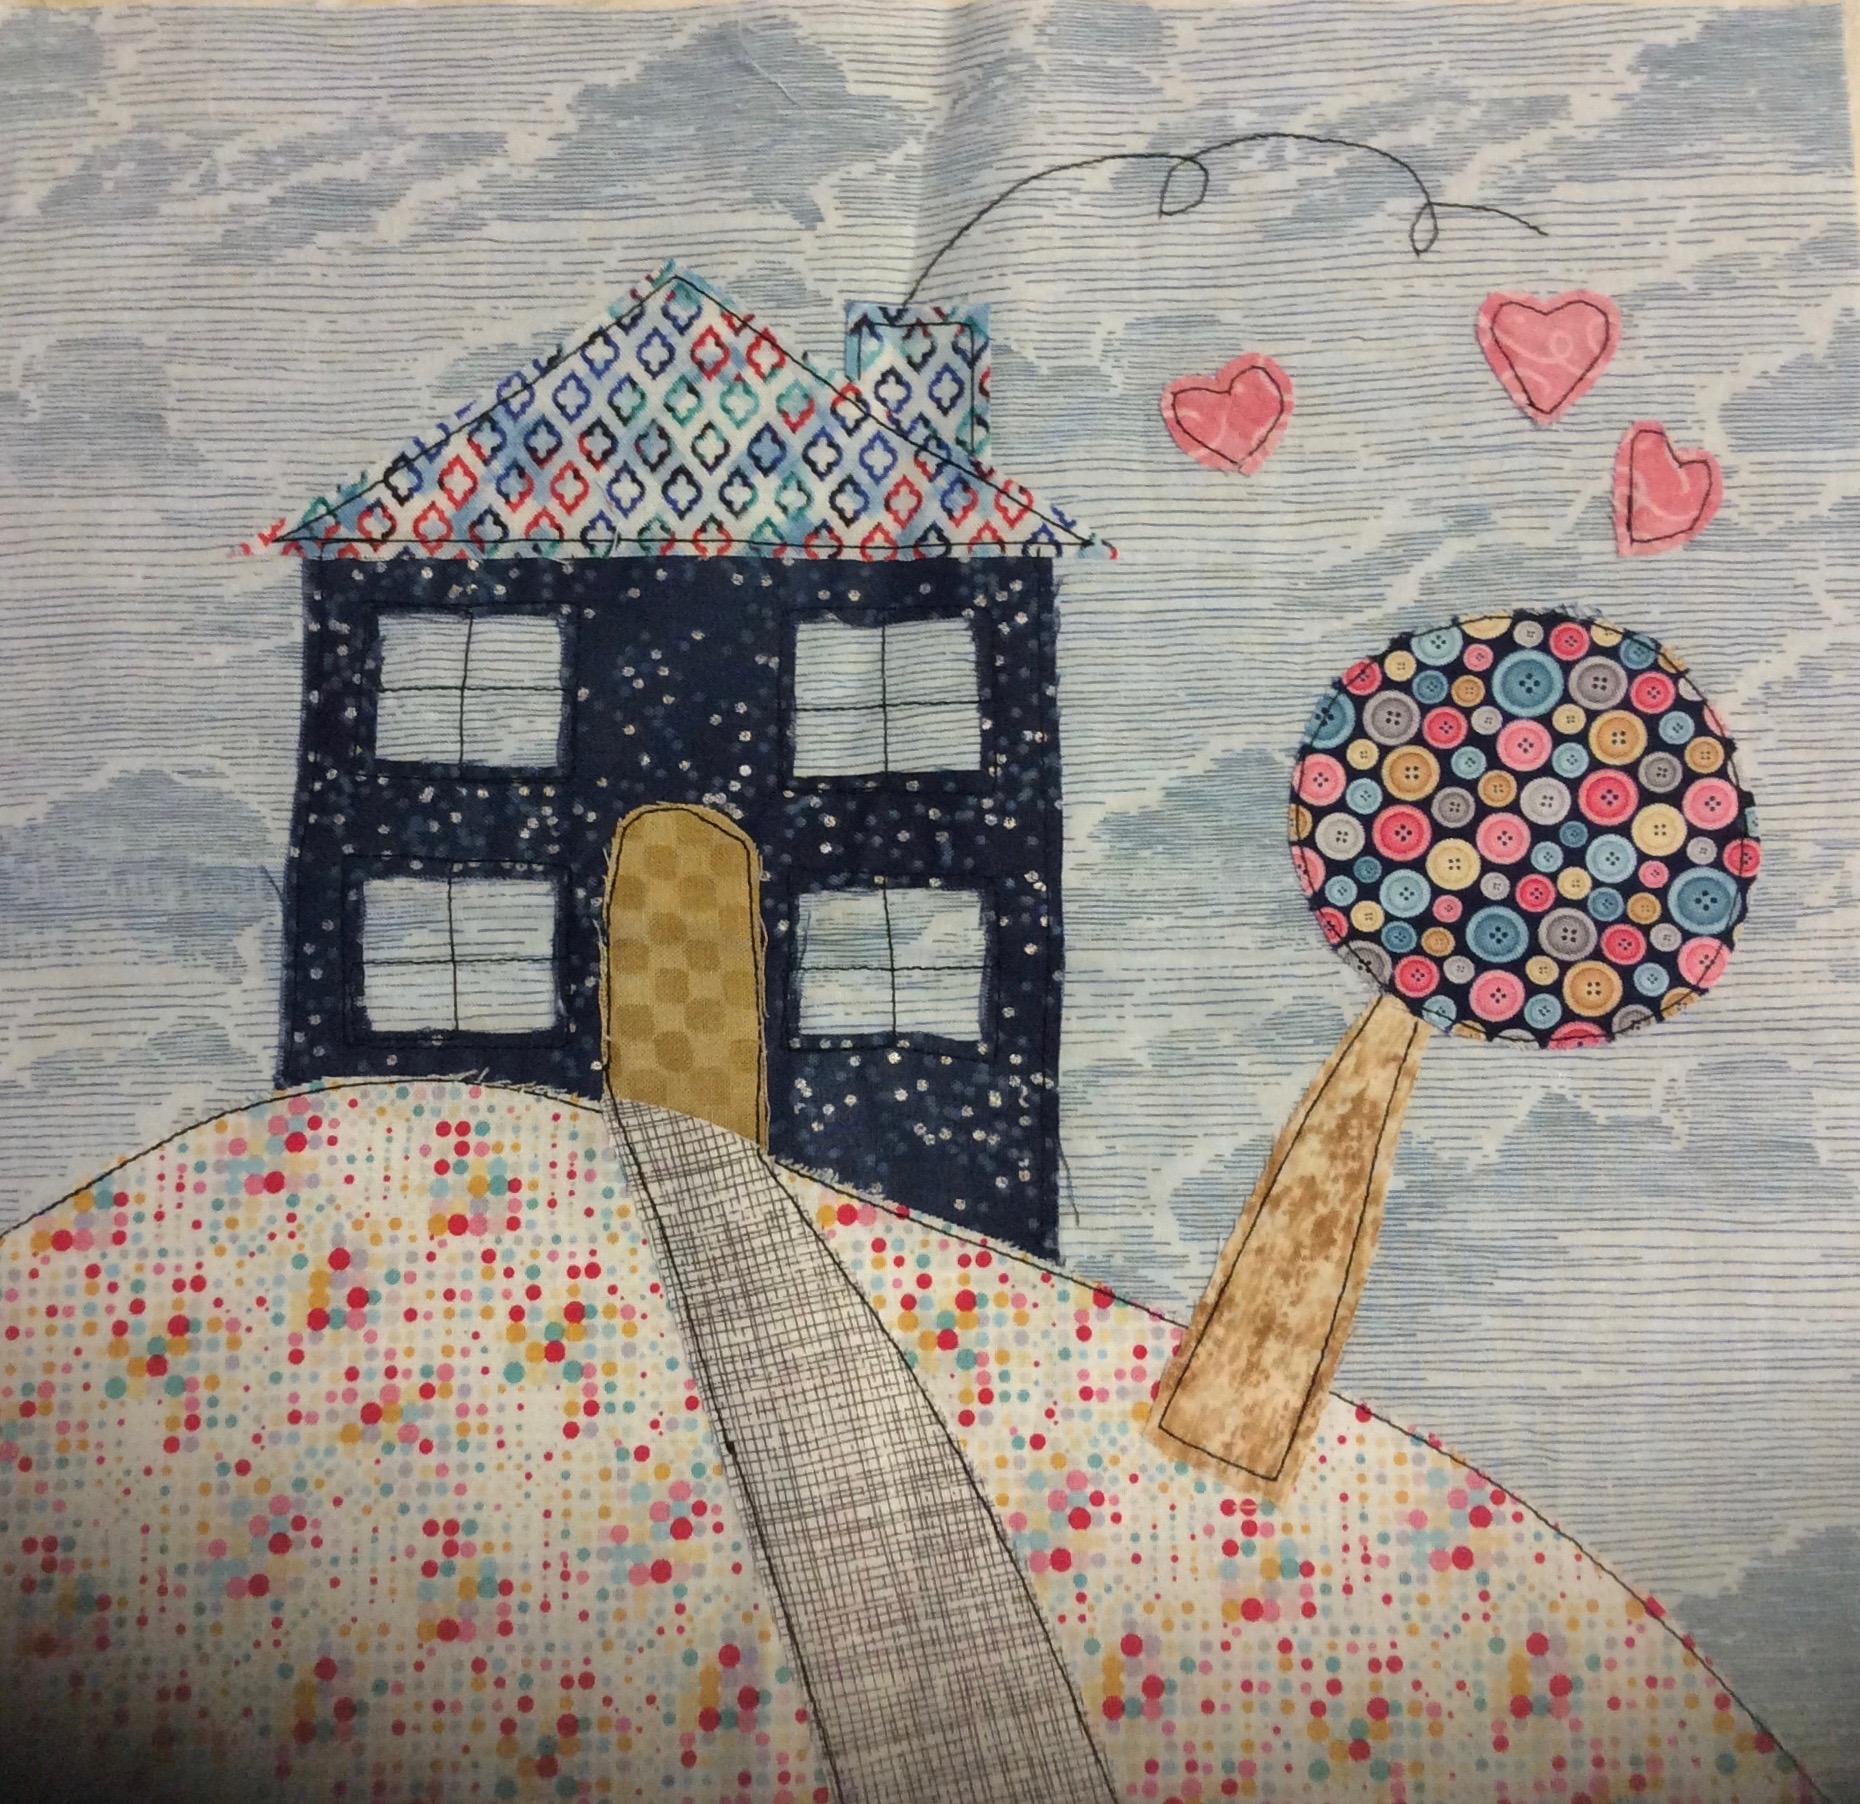 Dream House A Turner.jpg